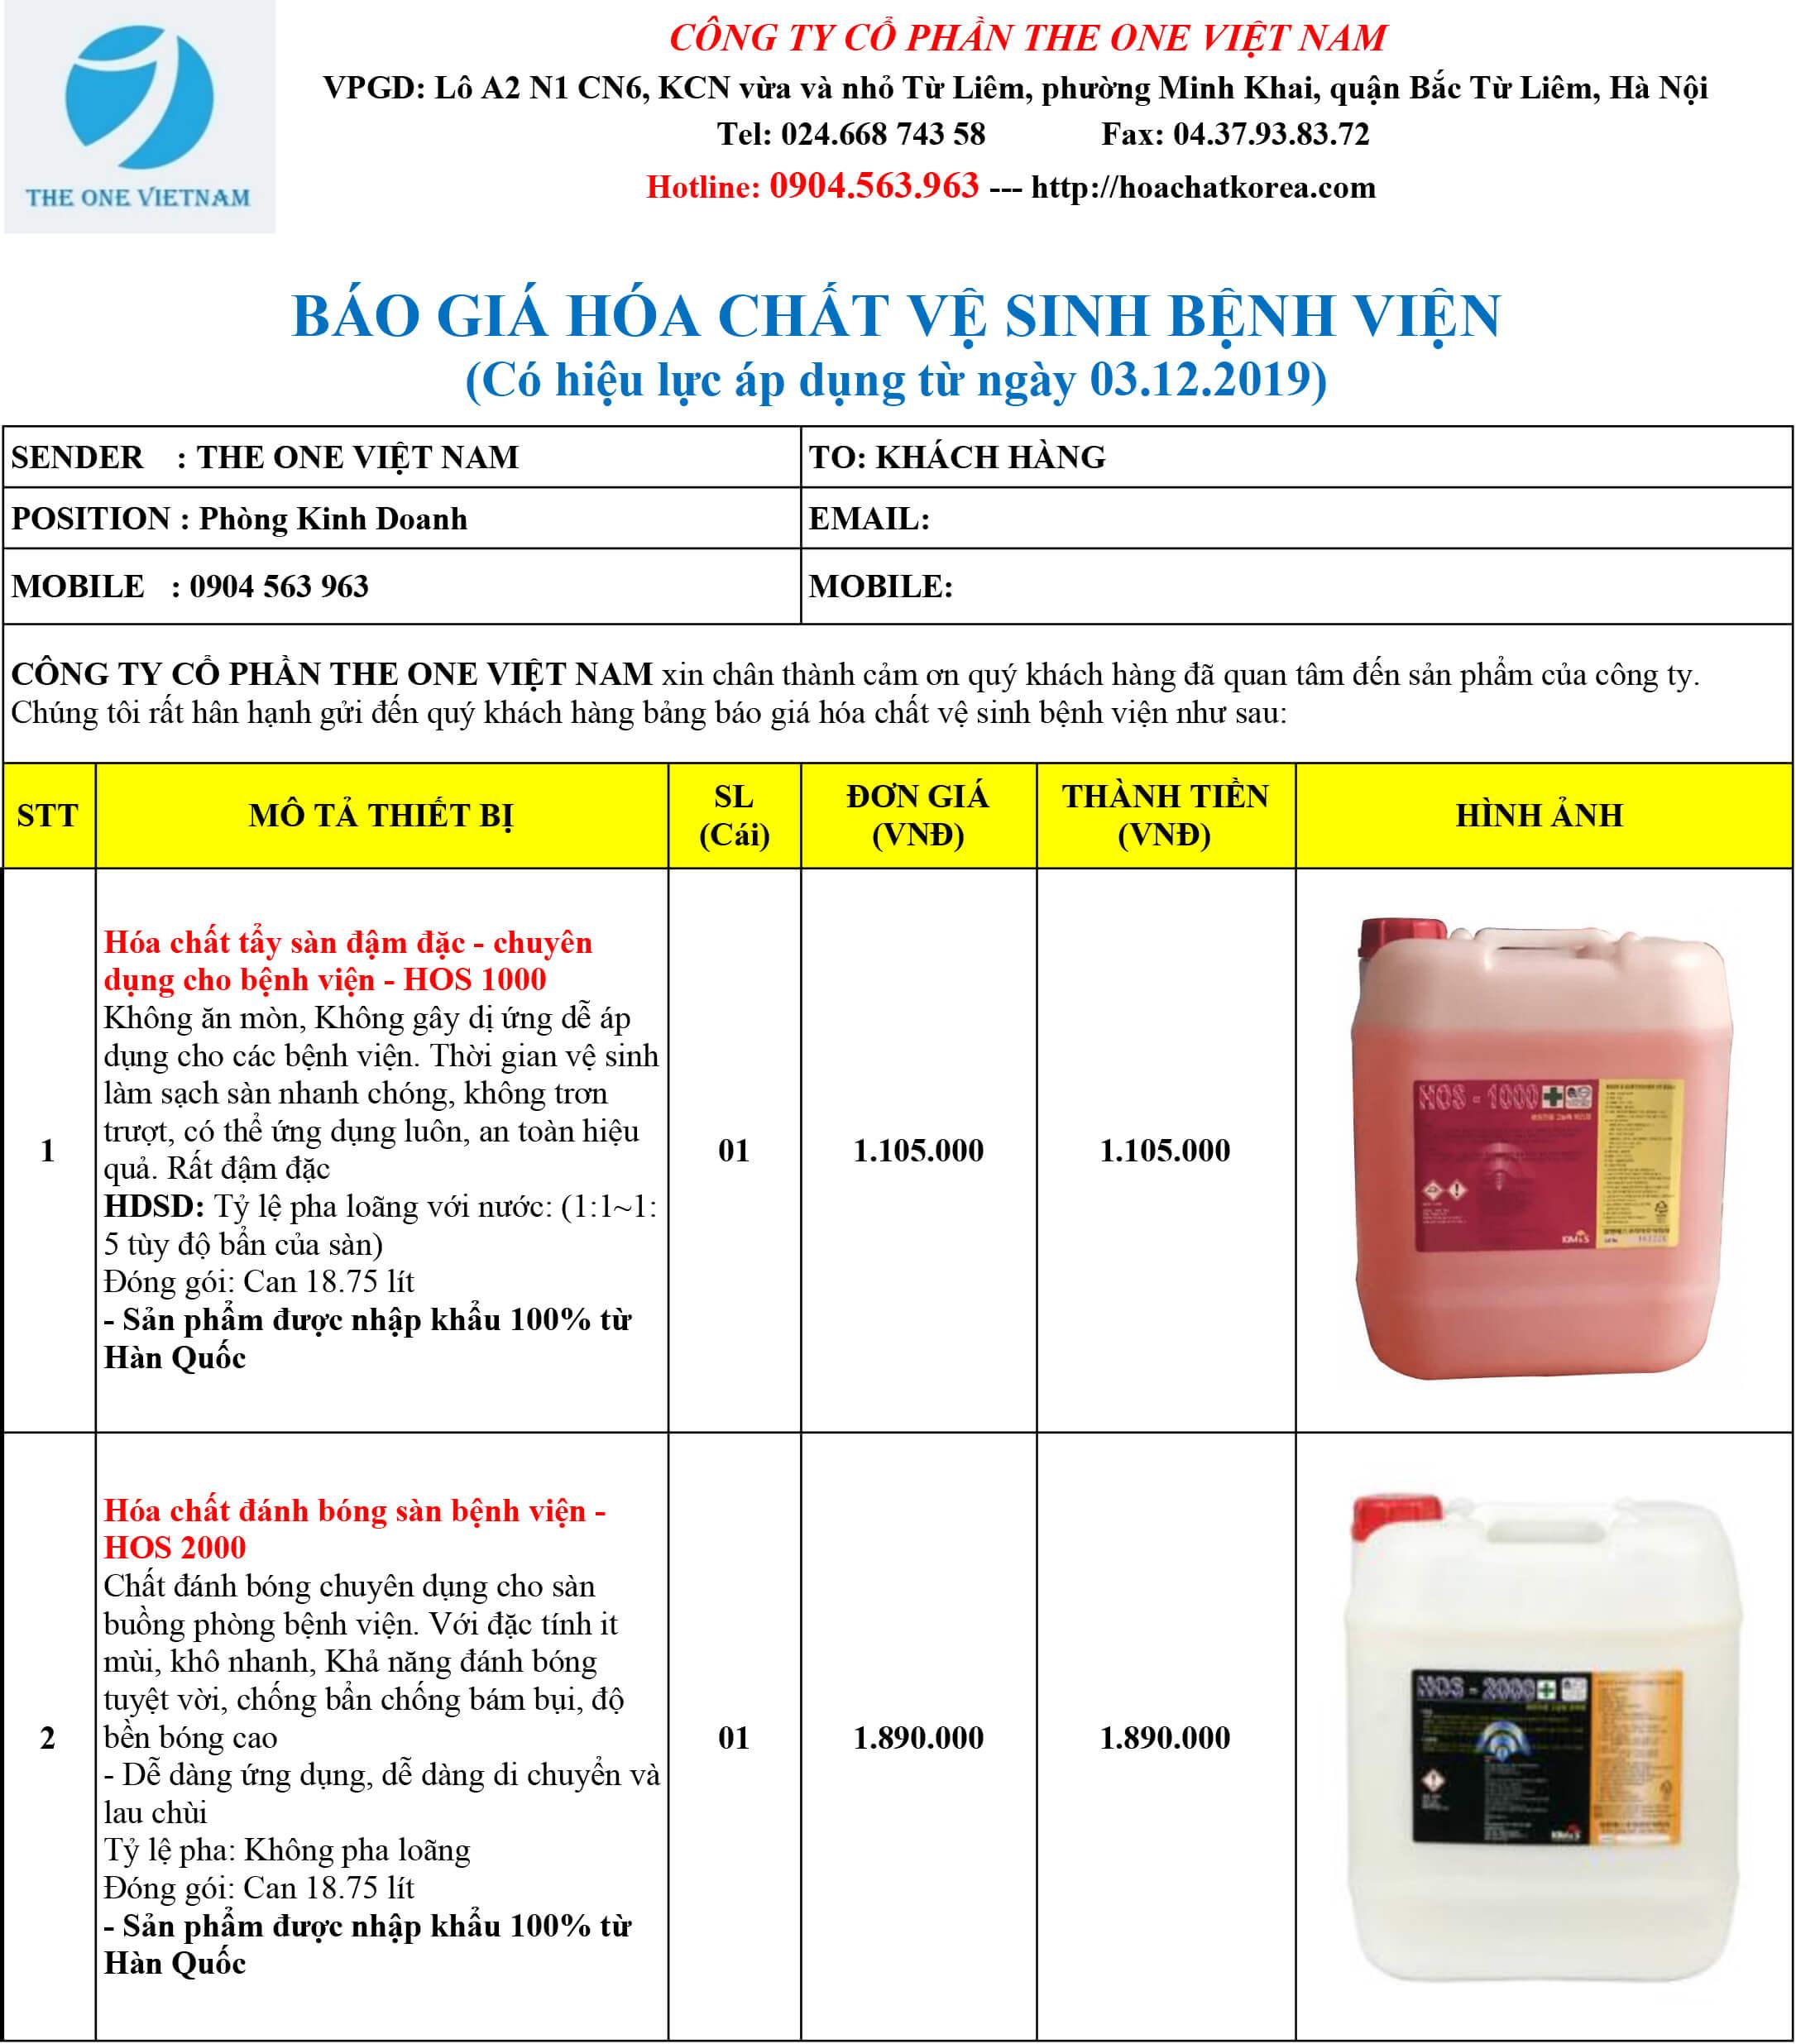 giá hóa chất vệ sinh bệnh viện